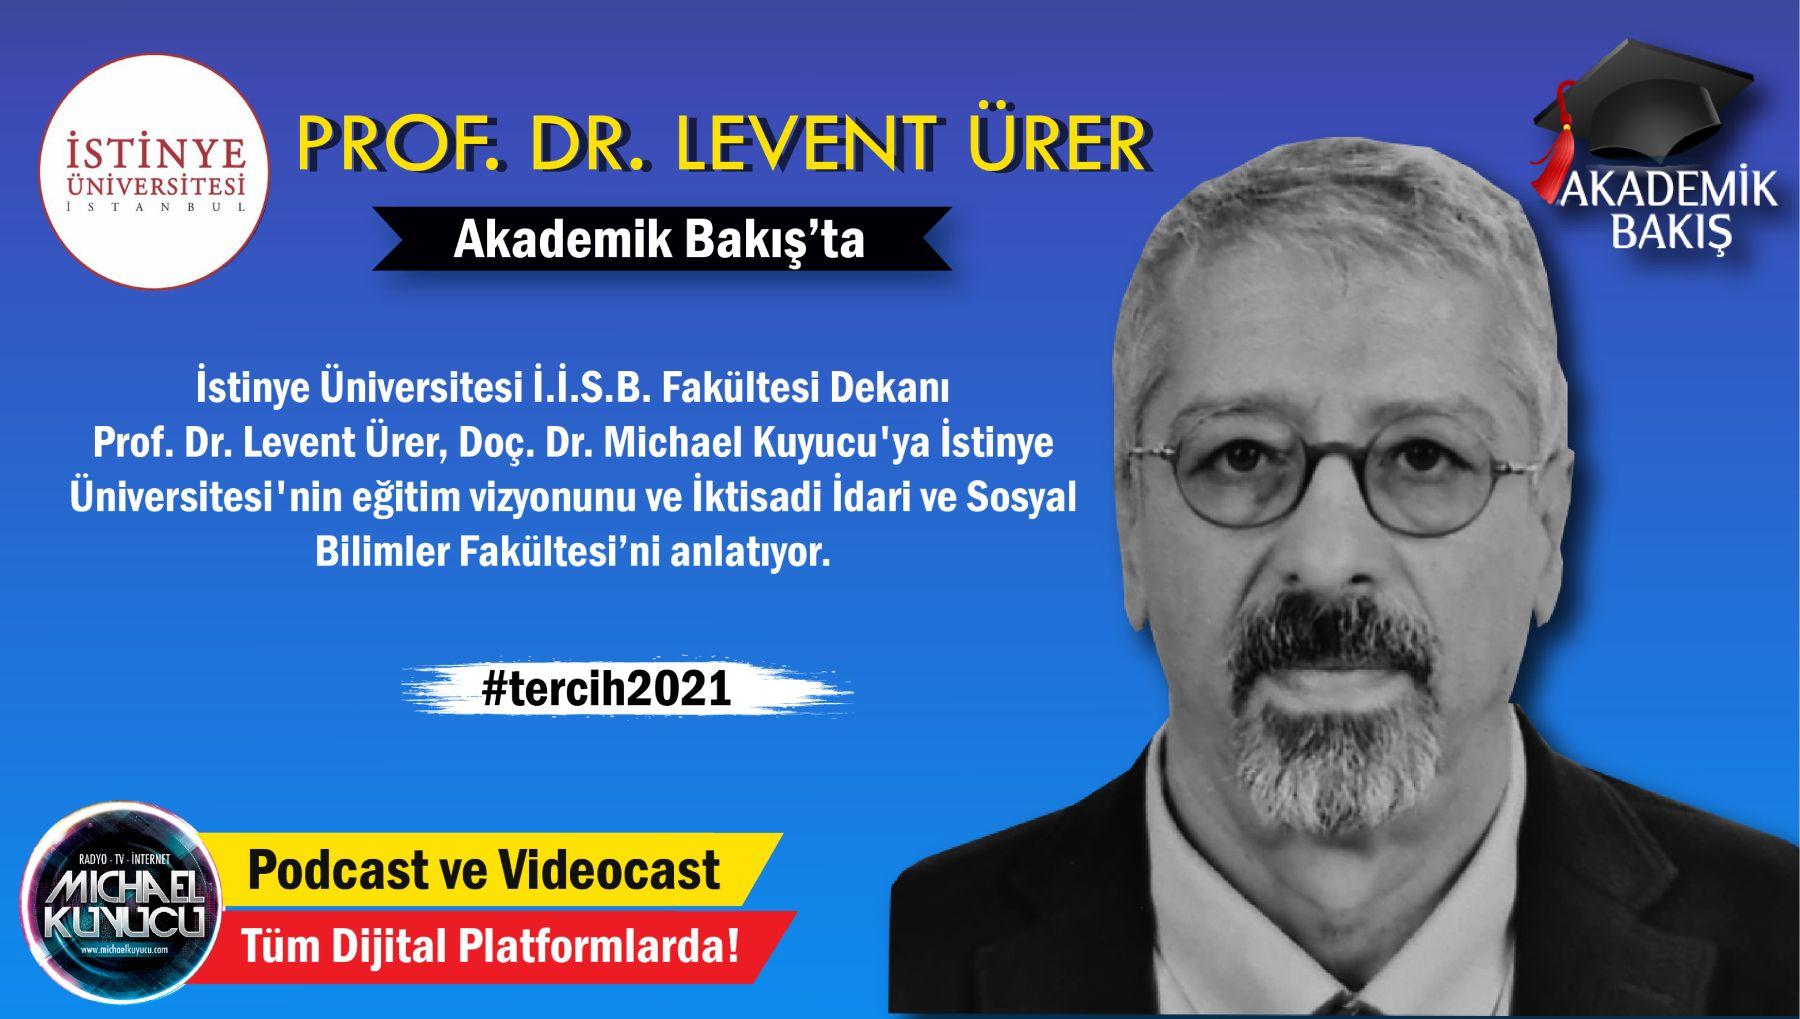 Prof. Dr. Levent Ürer: Girişimci ve Araştırmacı Bir Üniversiteyiz